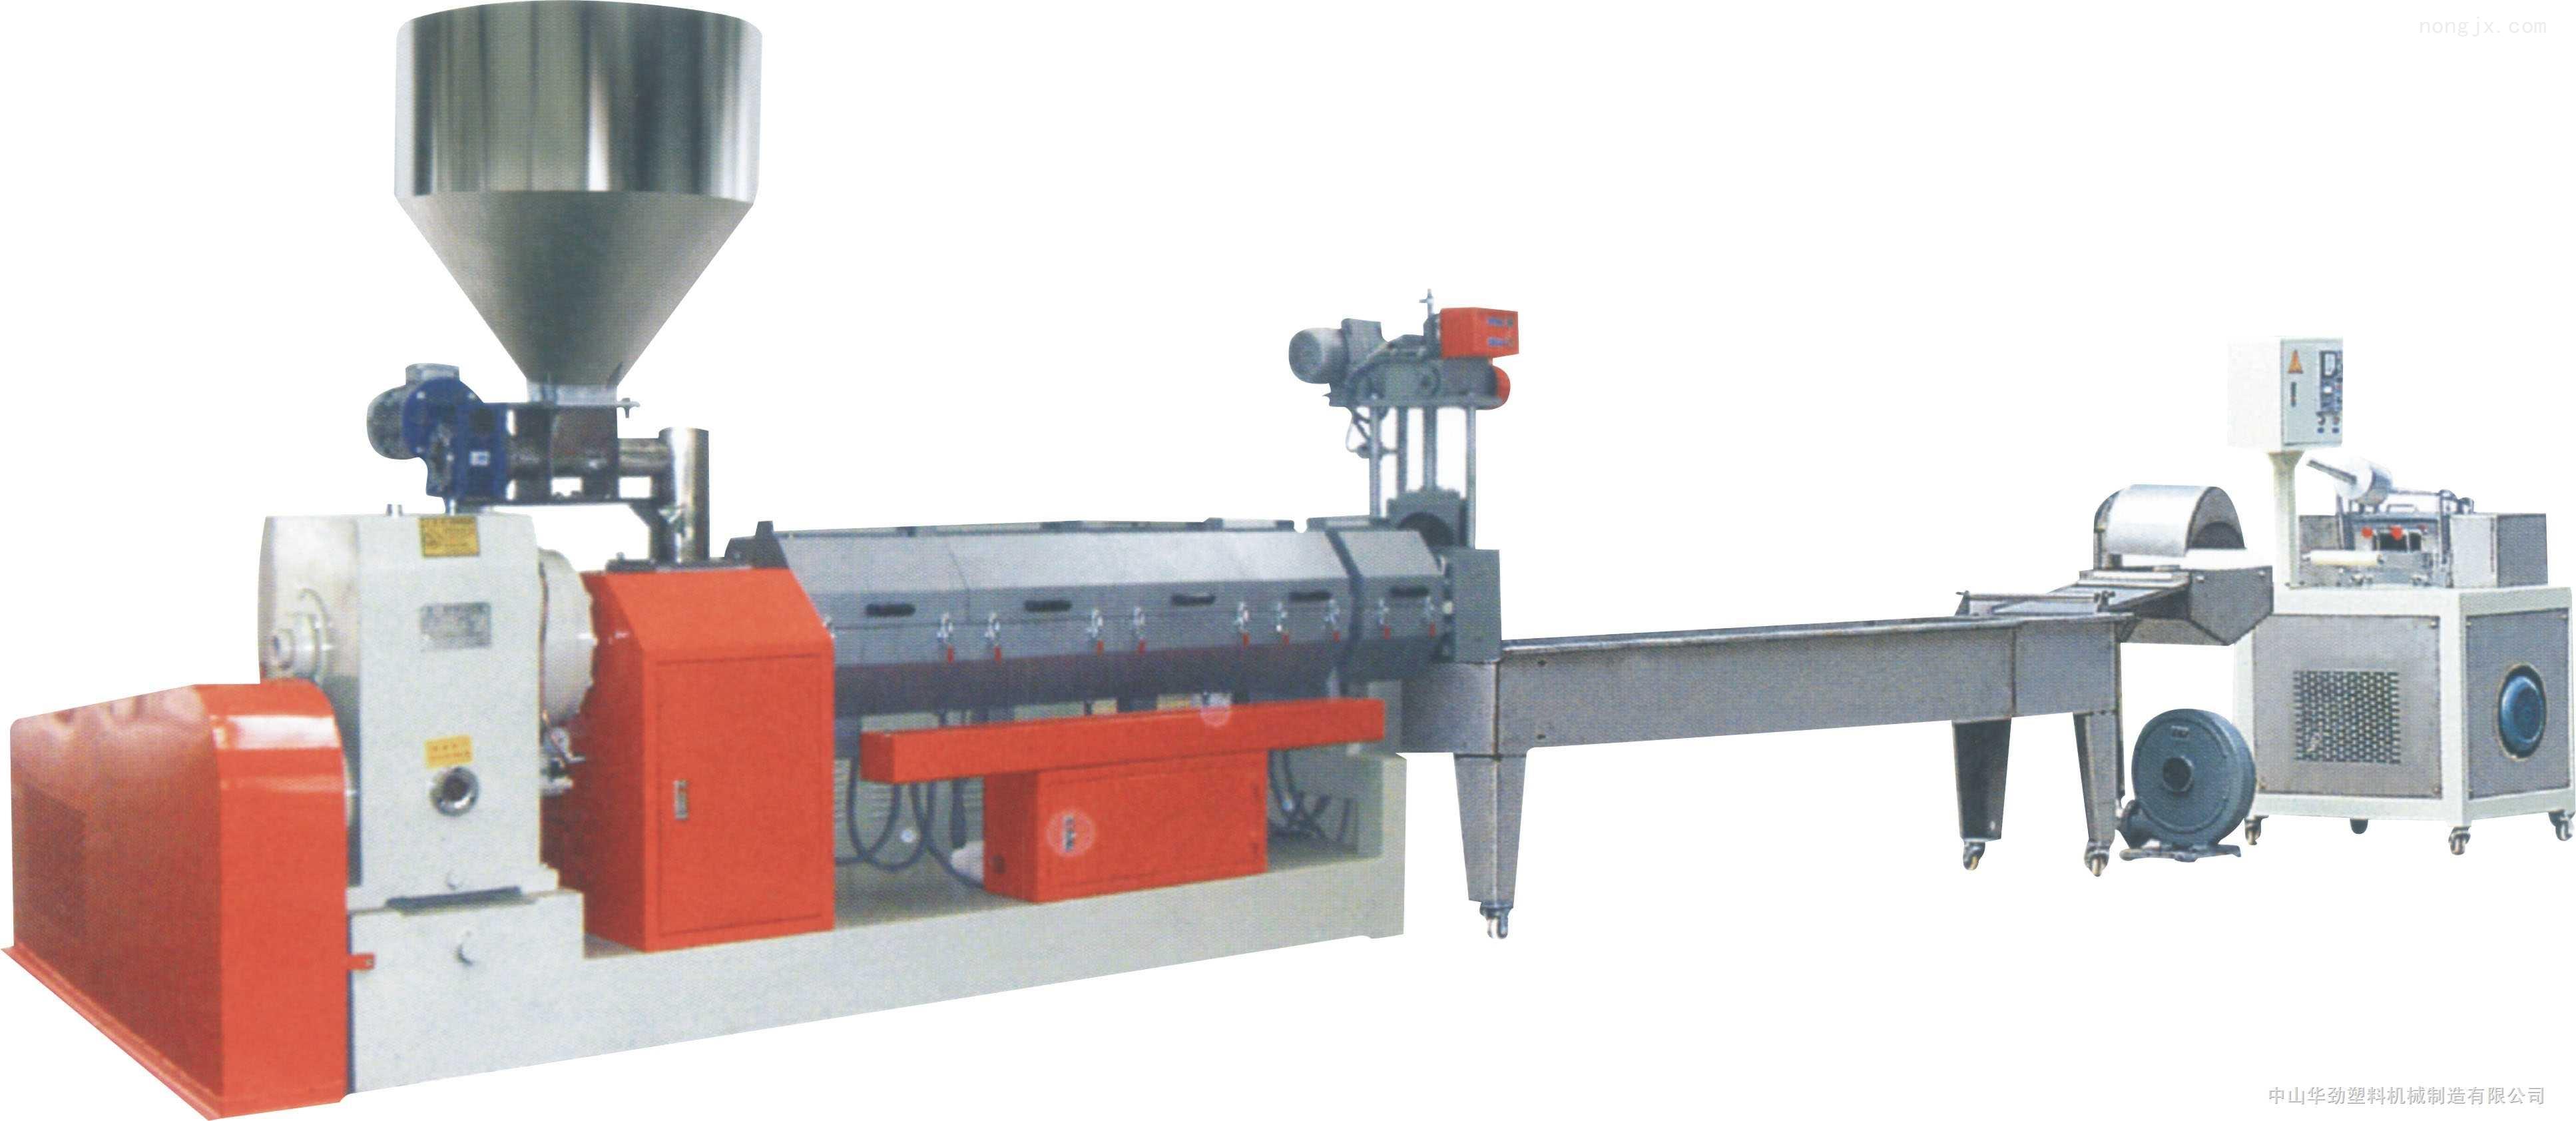 厂家直销,品质保证 PE直切式水下切粒挤出造粒机组 GG2-130/125